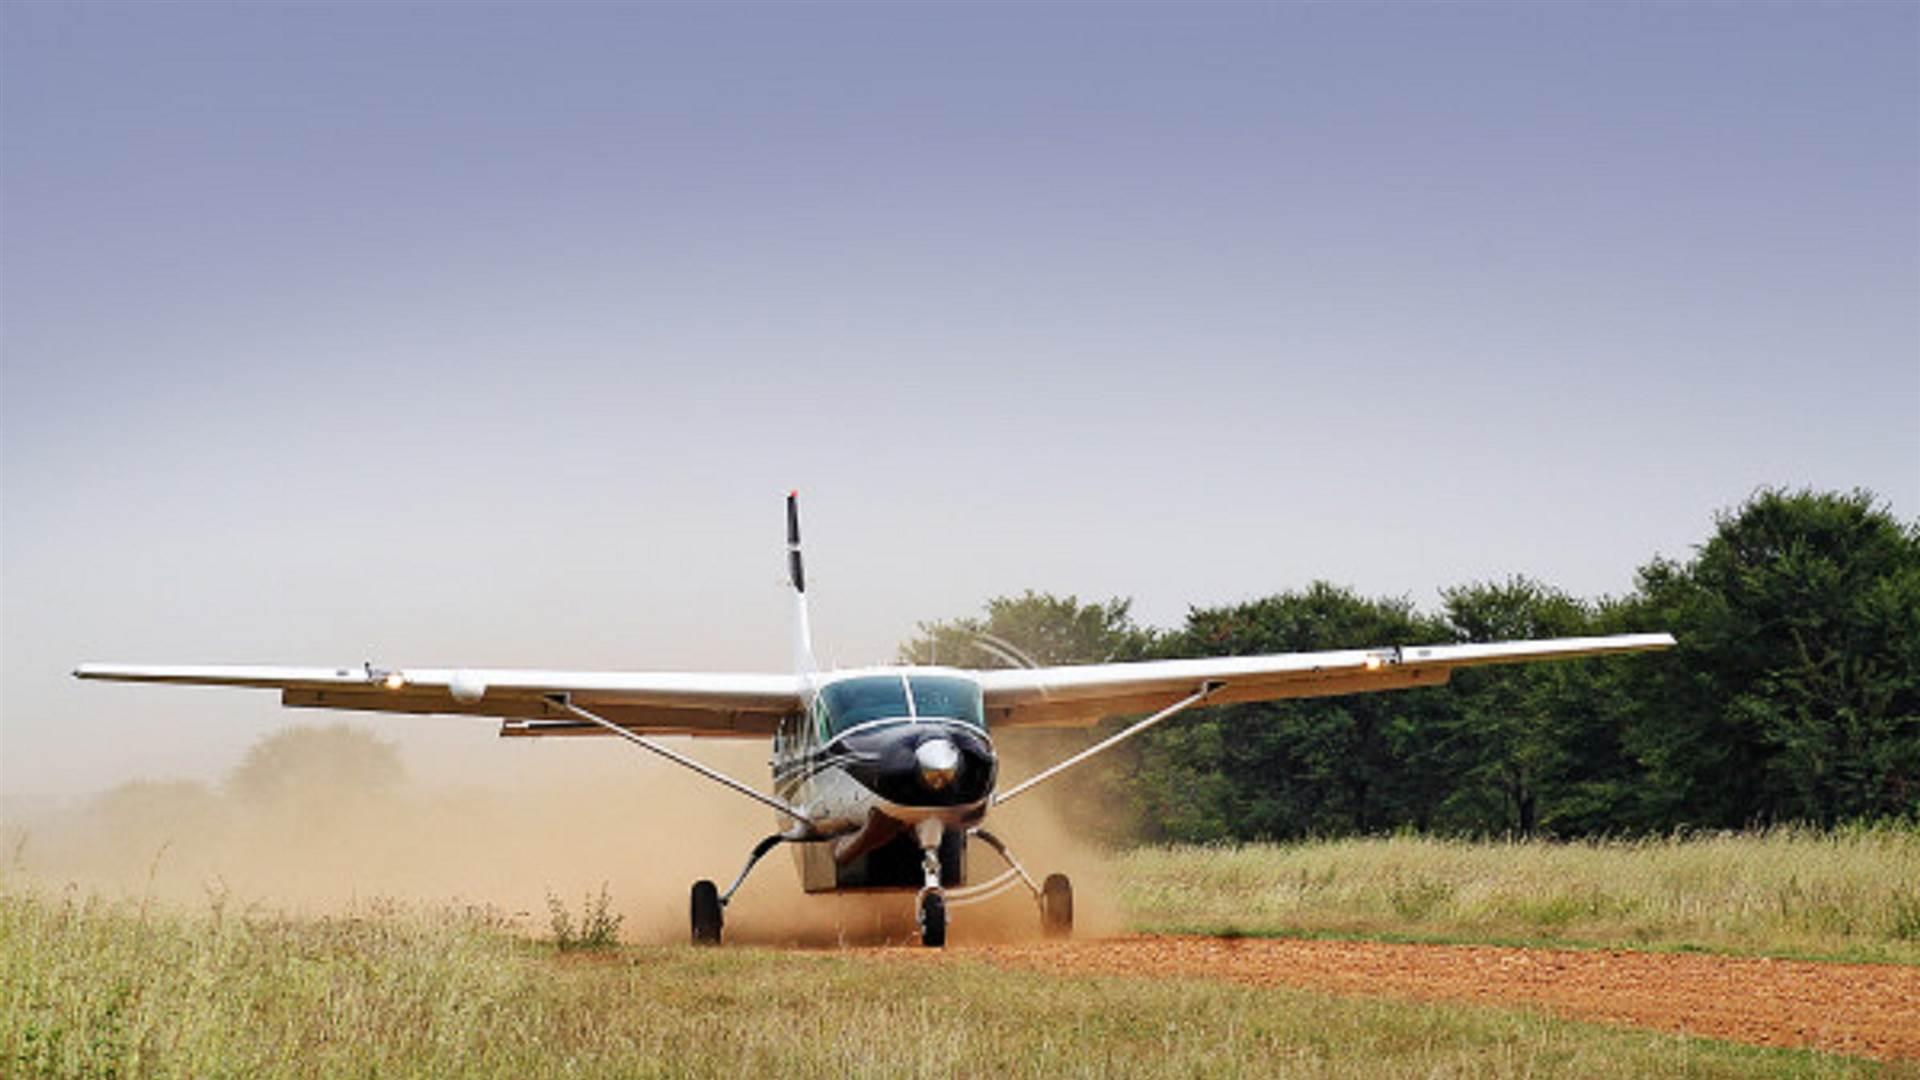 Cessna Caravan 208 landing 600x400